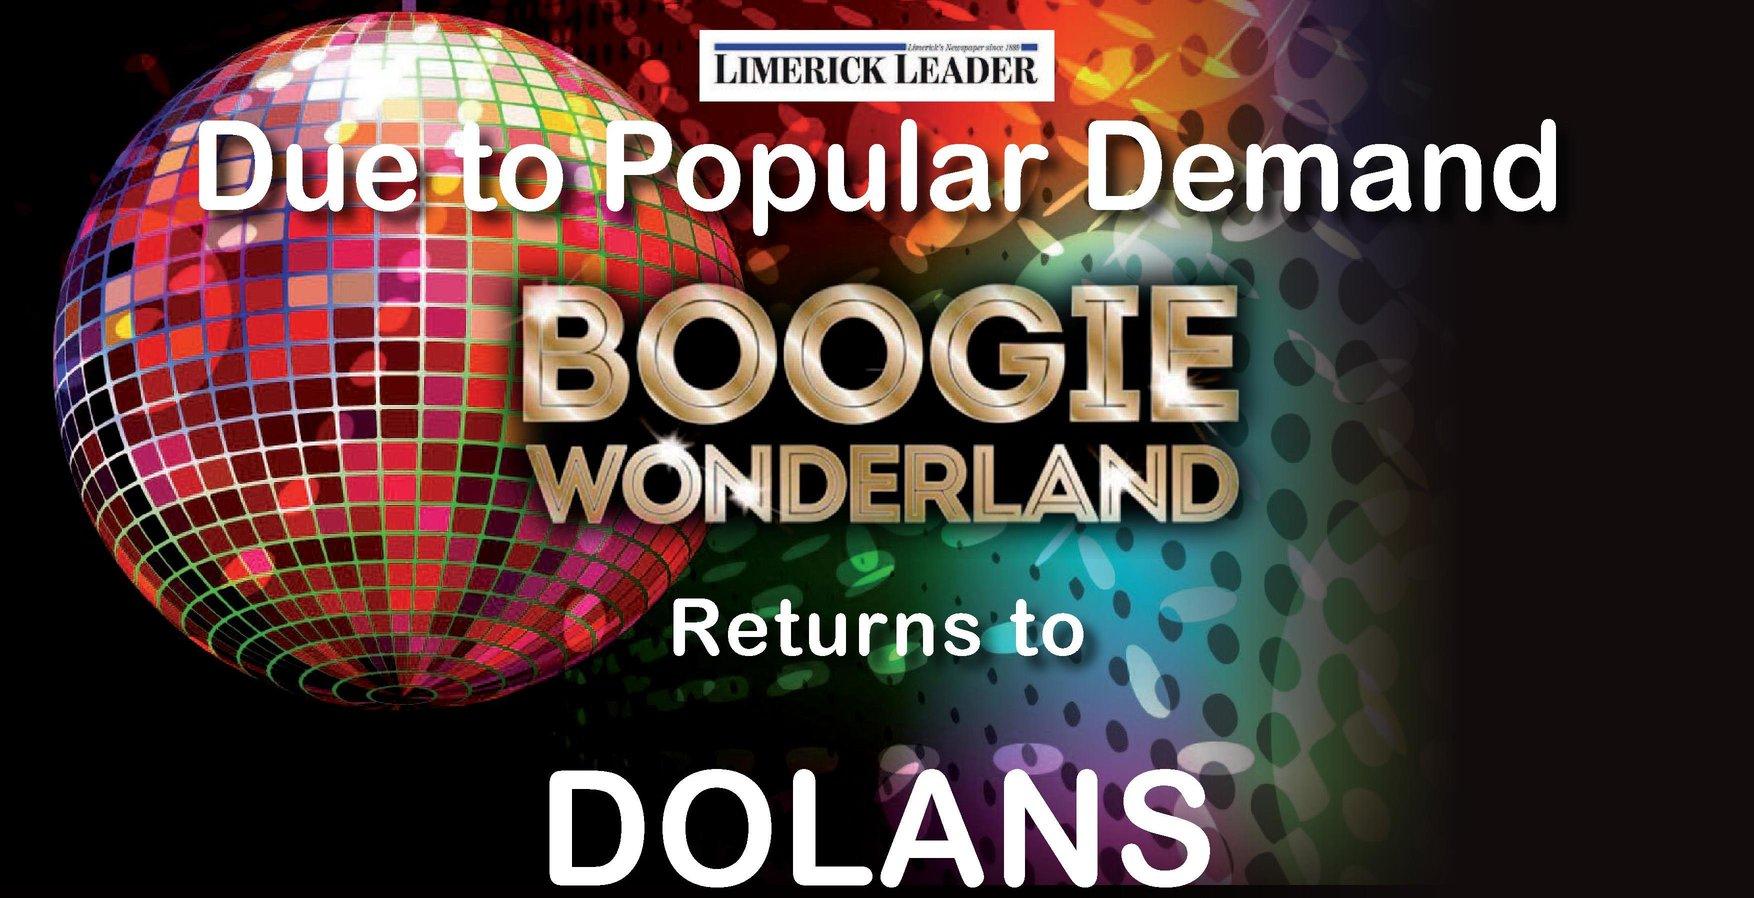 Boogie Wonderland Returns